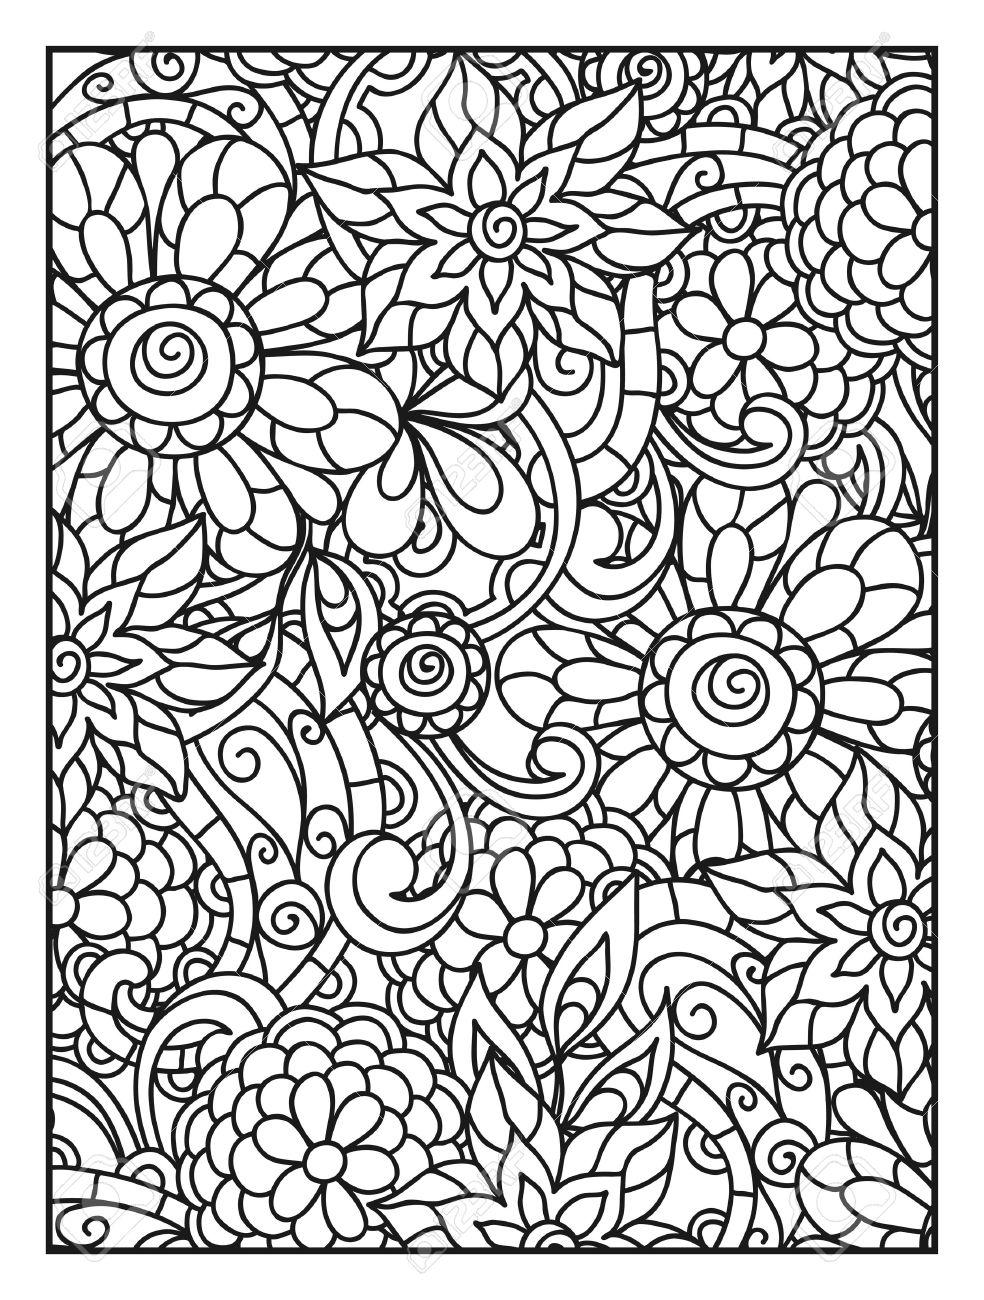 Hintergrund Mit Linie Blumen Für Erwachsene Malvorlagen Drucken